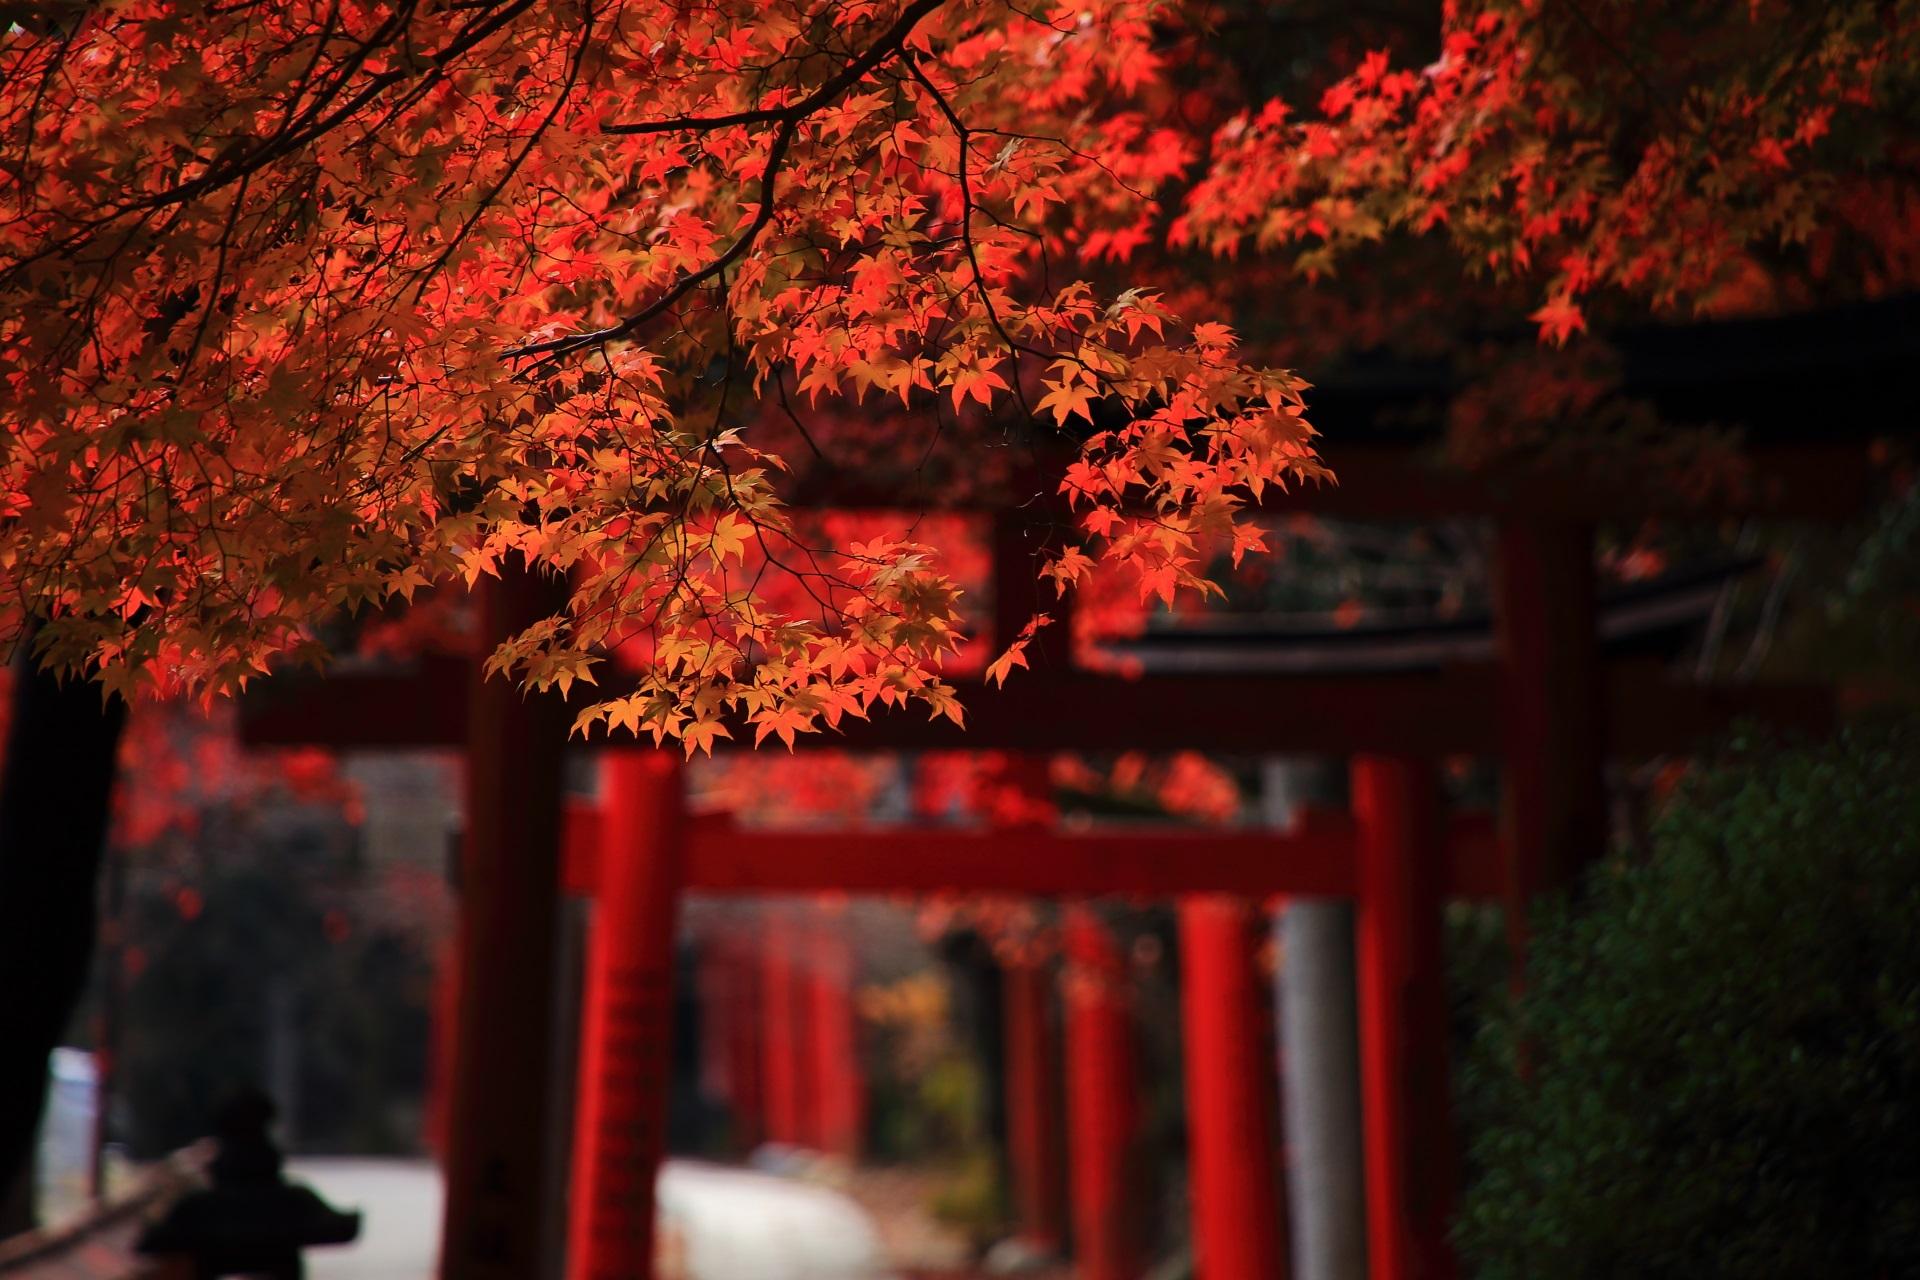 淡い光を浴びてほのかに輝く紅葉